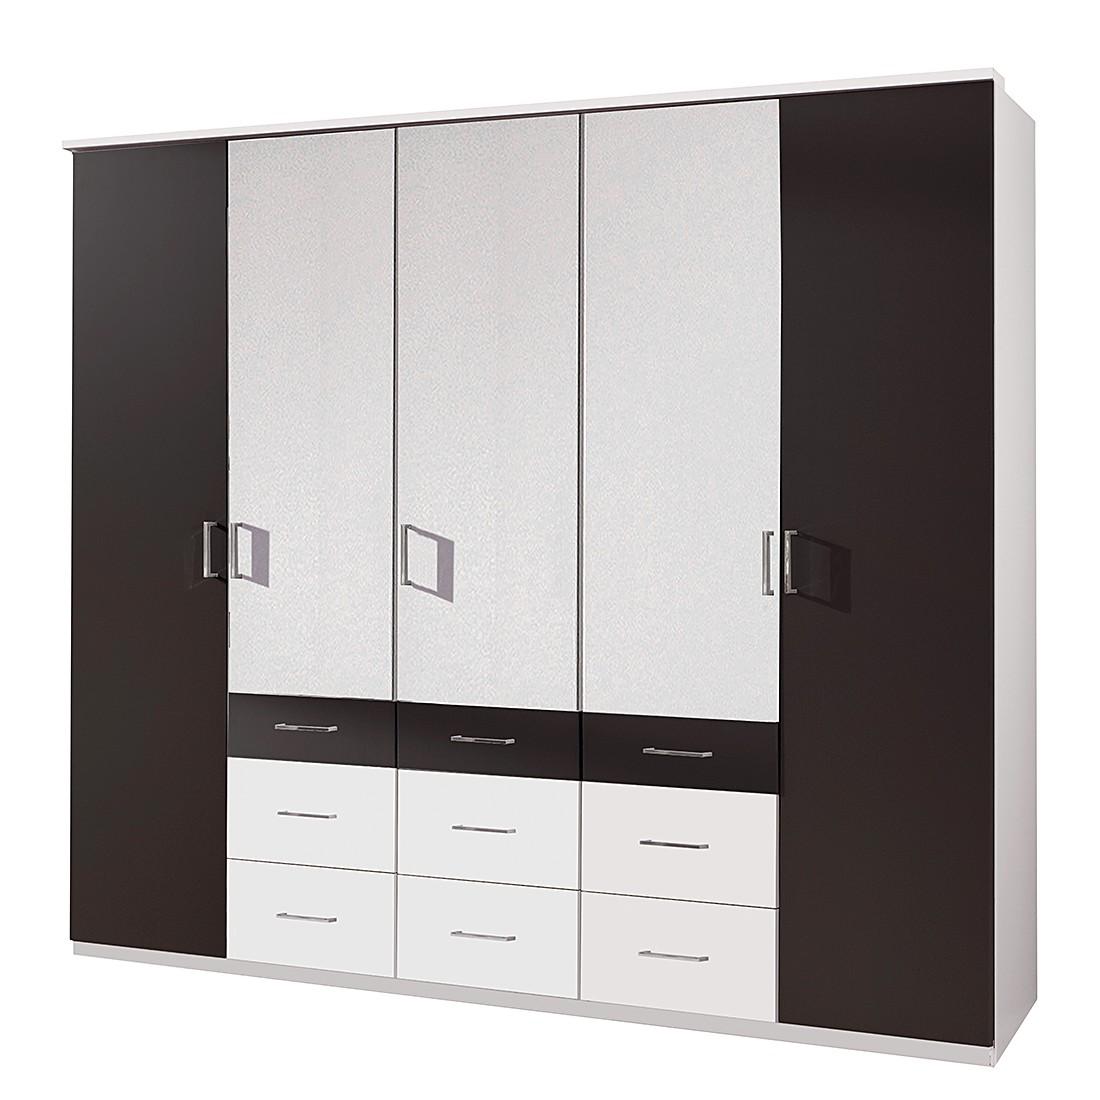 Armoire à portes battantes Alma - Blanc alpin / Lava - Largeur d'armoire : 225 cm - 5 portes, Wimex